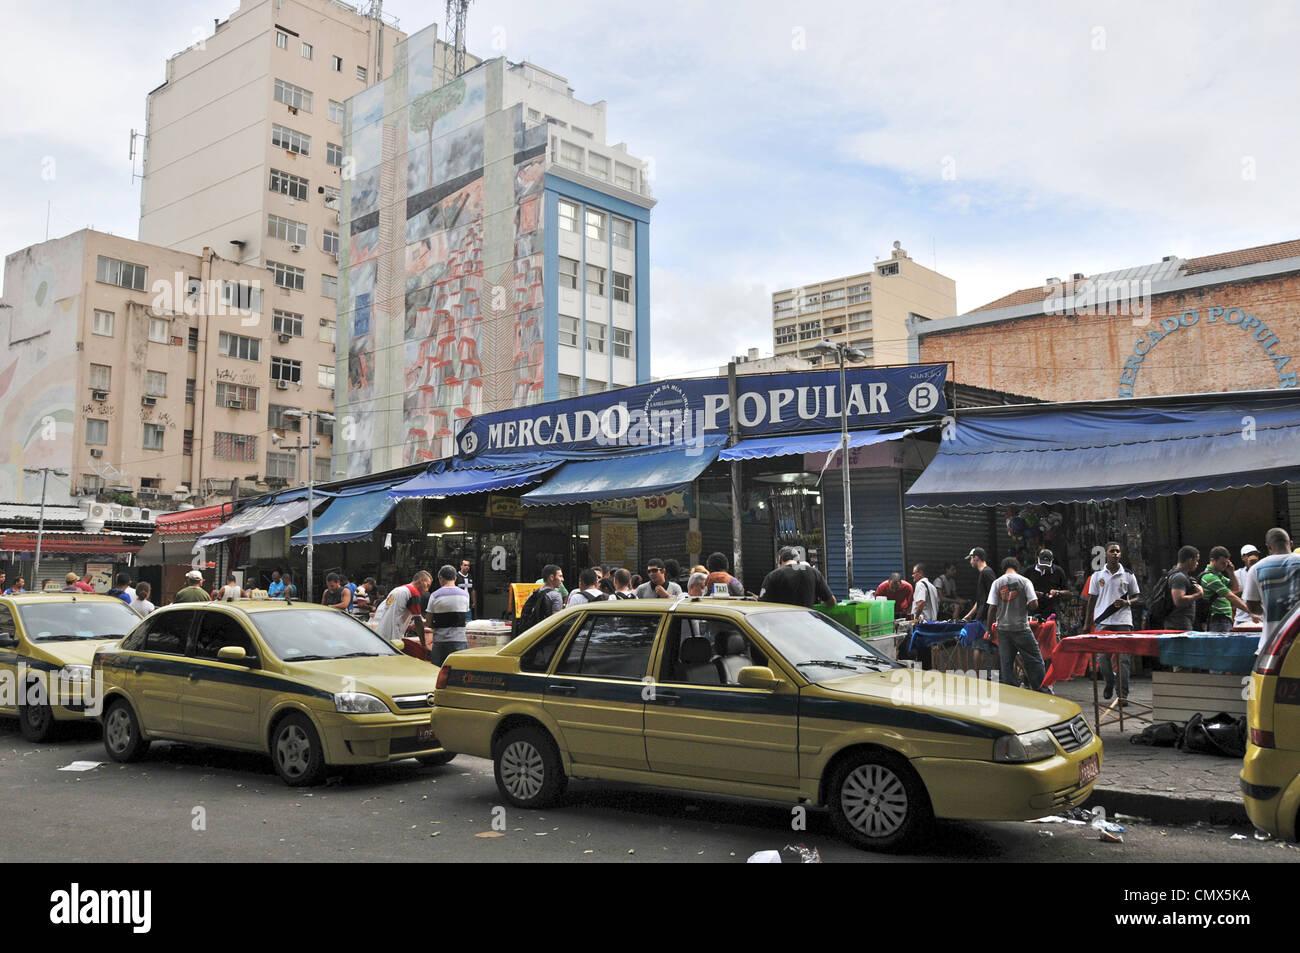 Mercado Popular market Uruguaia Rio de Janeiro Brazil - Stock Image